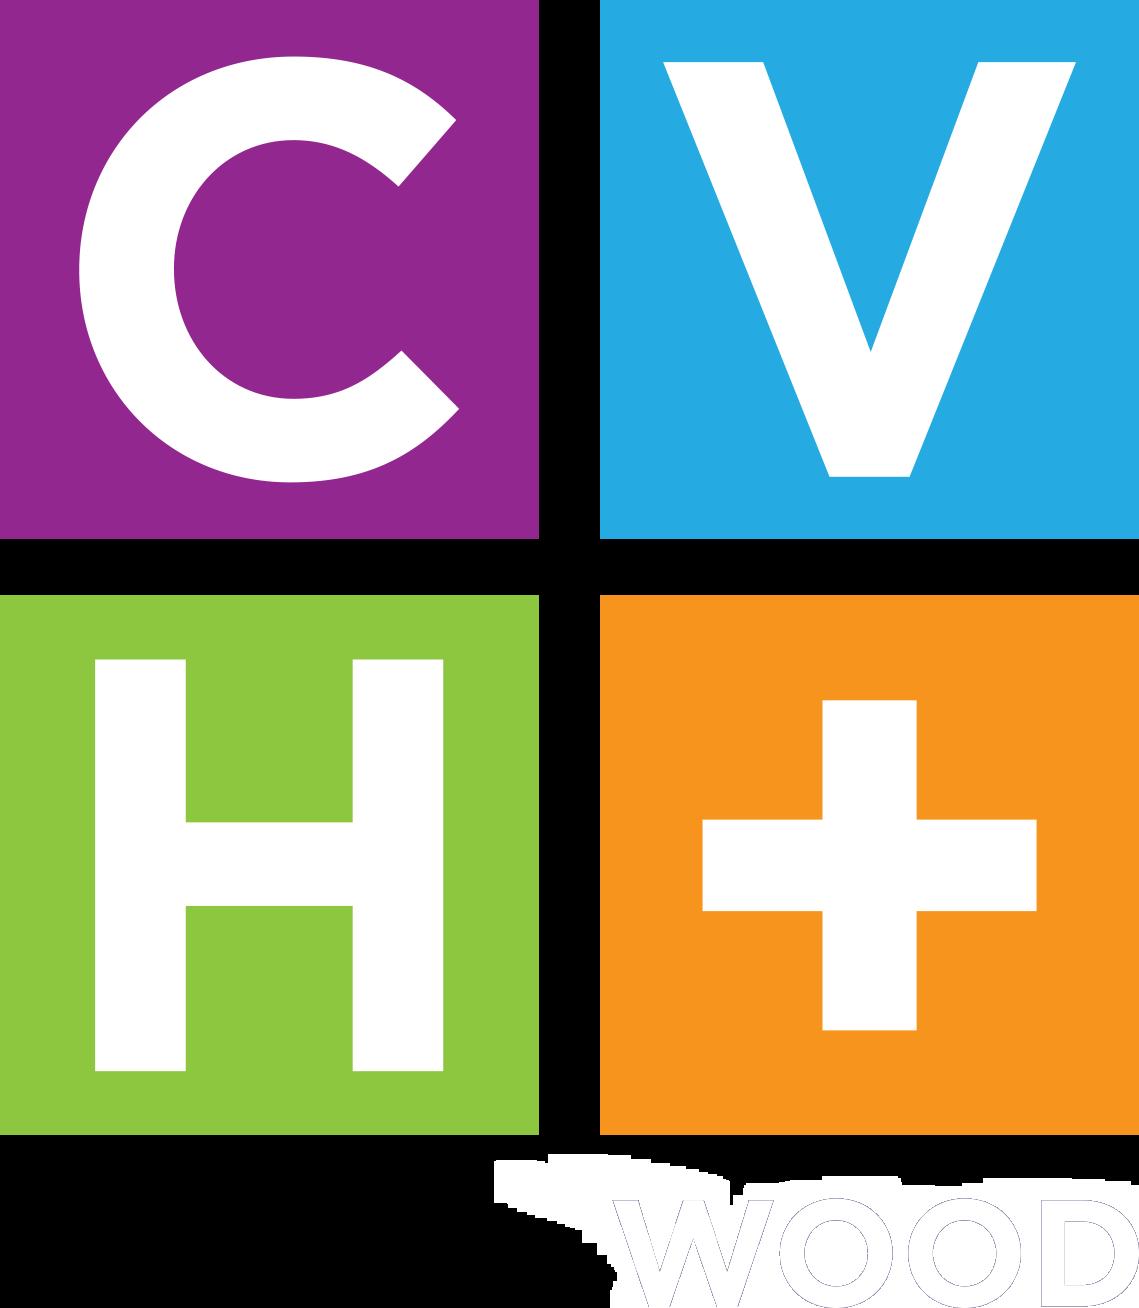 Cvh - Couvreur